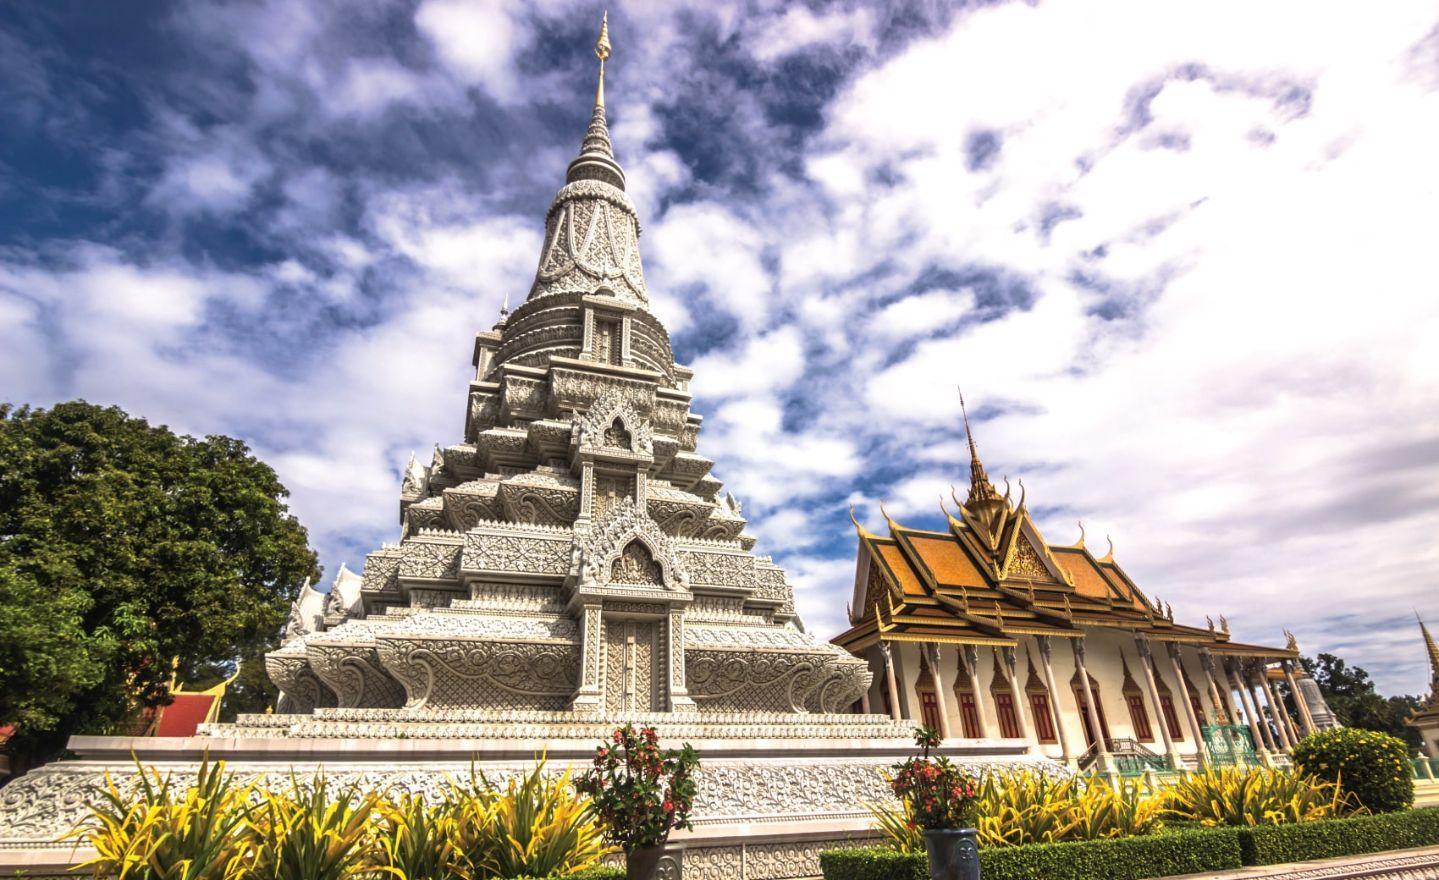 The Silver Pagoda of Royal Palace, Cambodia